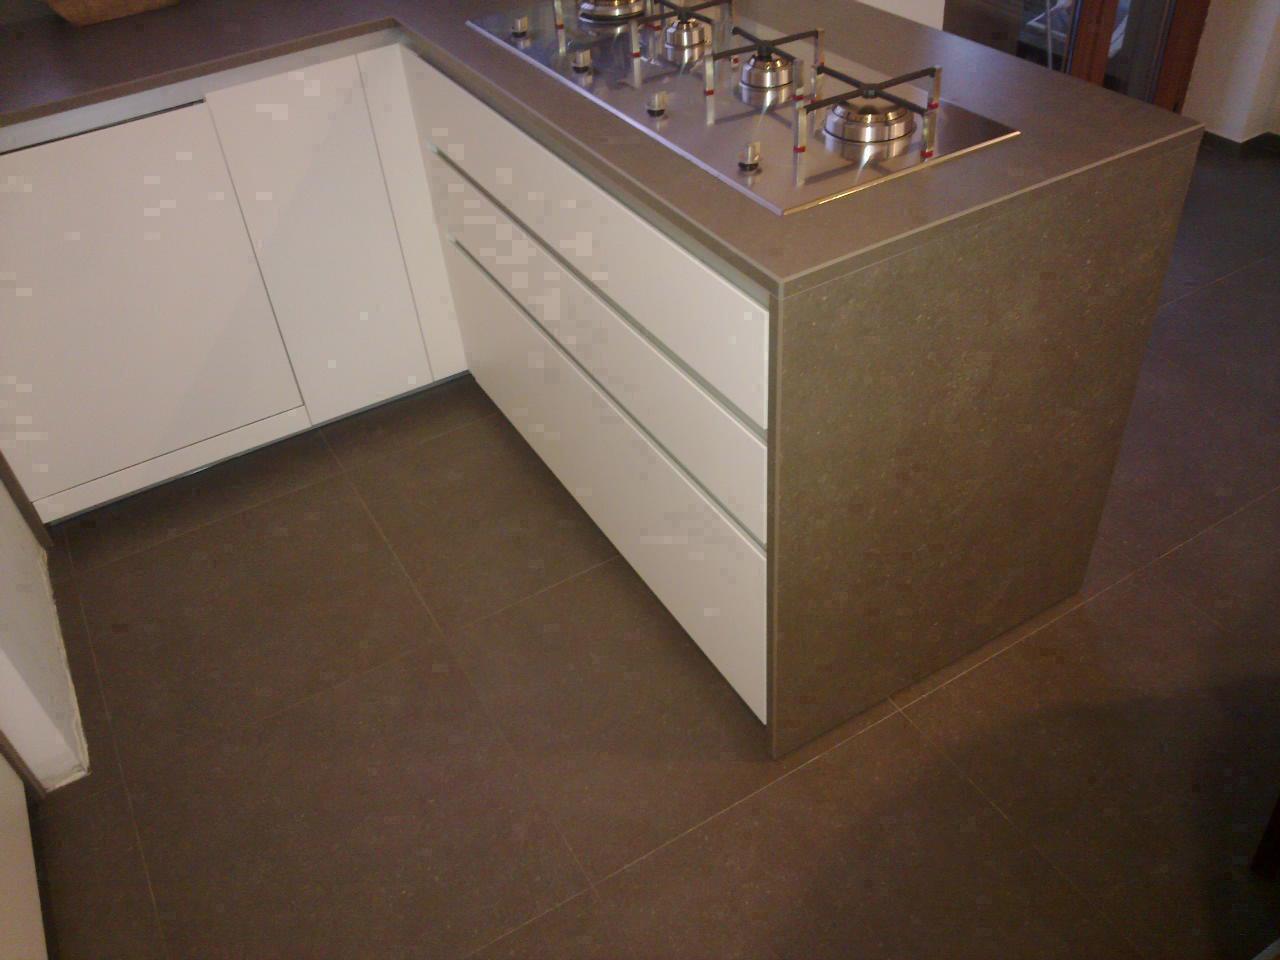 Cucina moderna bianca e grigia buccione gallery - Cucina moderna bianca e grigia ...